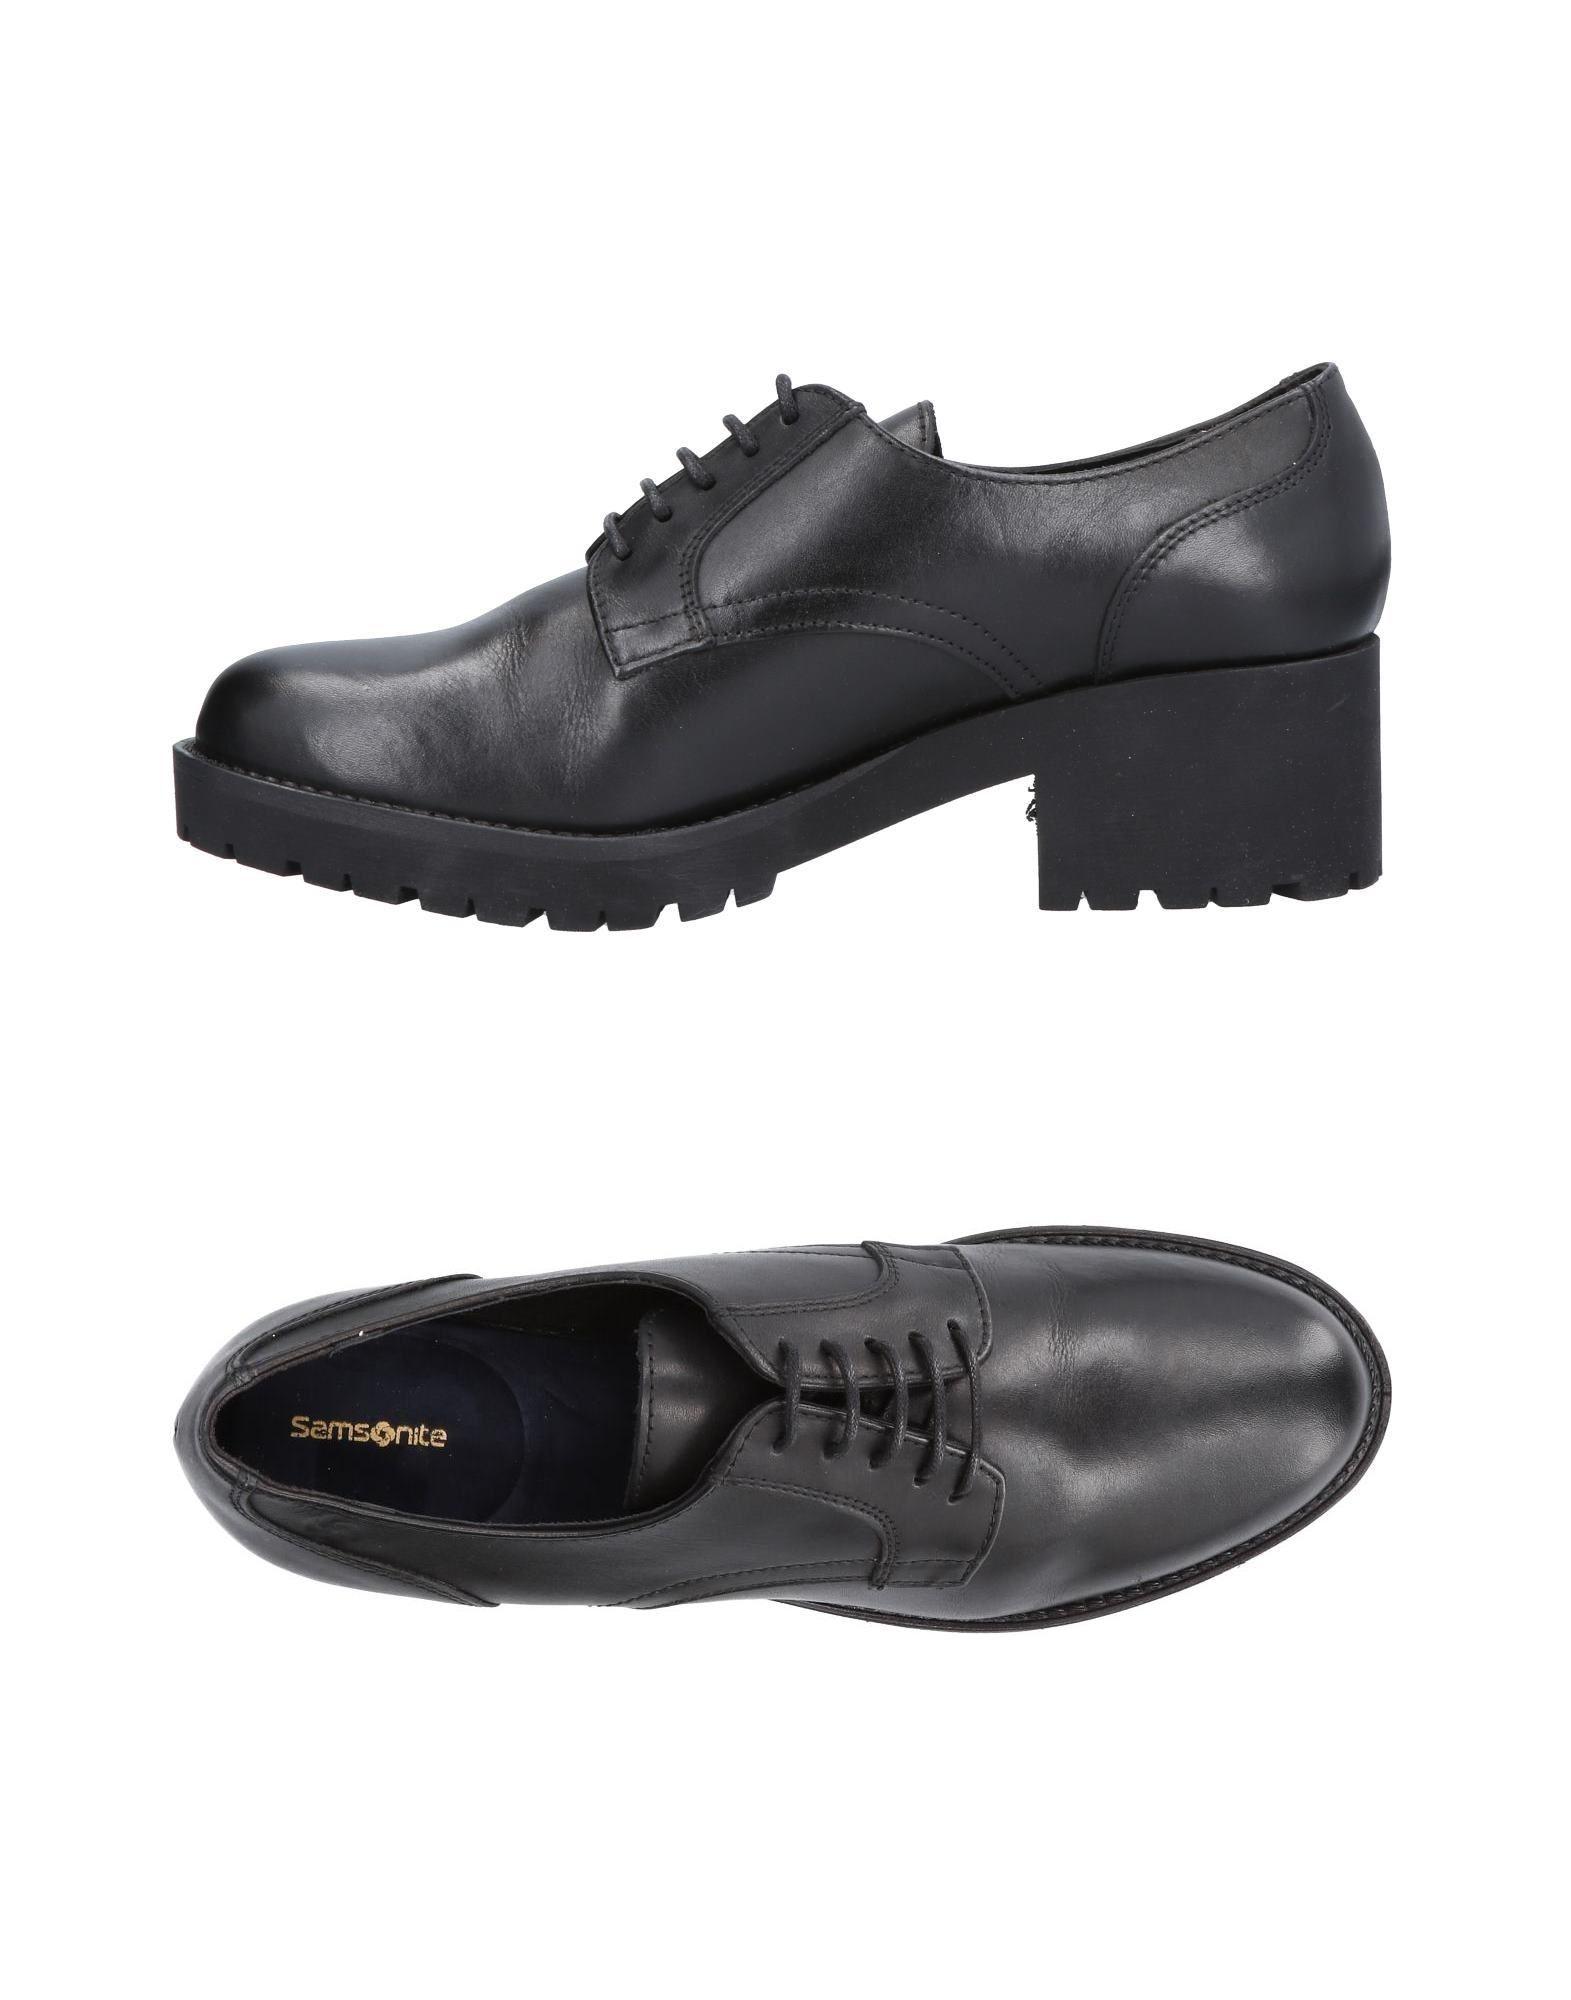 Samsonite Schnürschuhe Damen  11469768EV Gute Qualität beliebte Schuhe